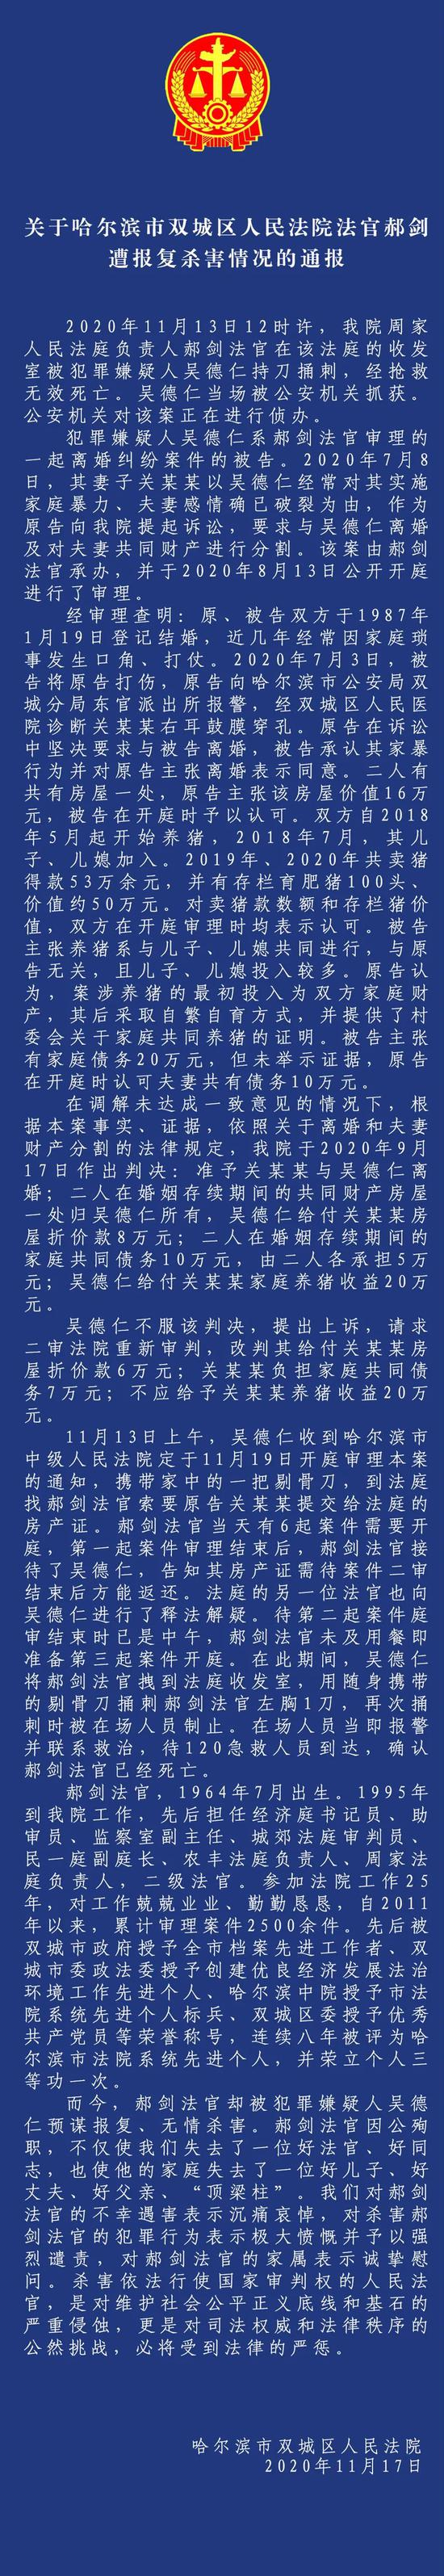 关于哈尔滨市双城区人民法院法官郝剑遭报复杀害情况的通报图片